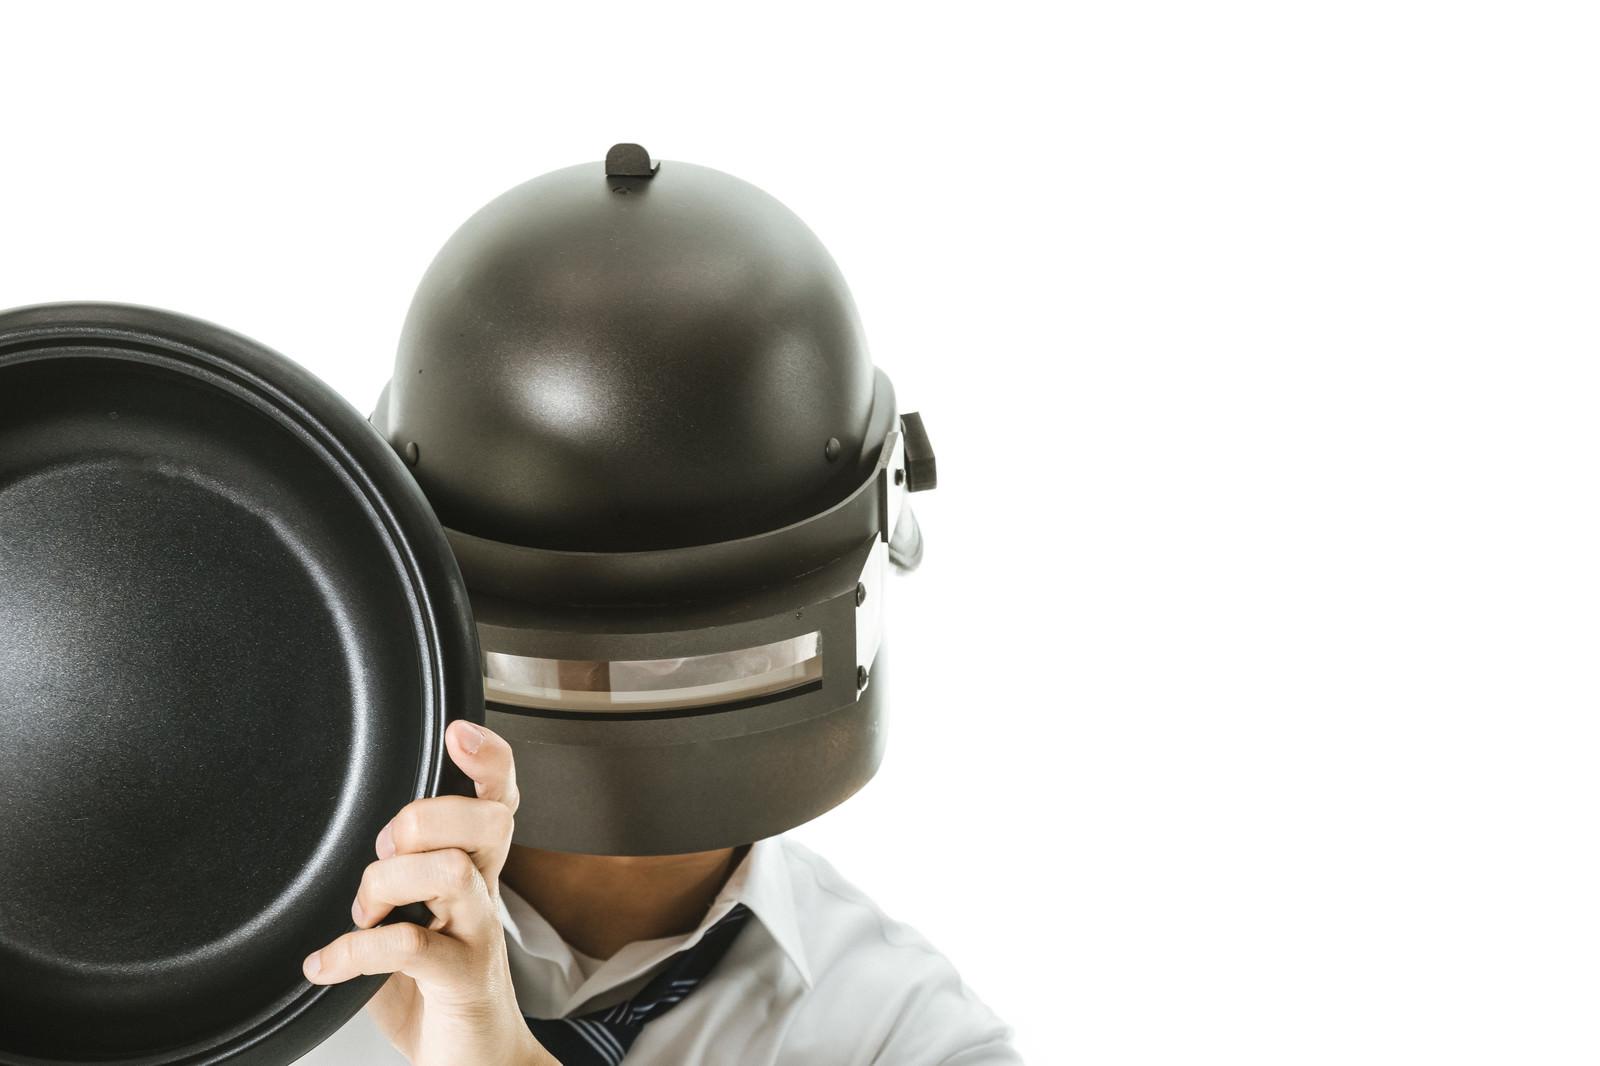 「フライパンで勝ドンを作る溶接工 | 写真の無料素材・フリー素材 - ぱくたそ」の写真[モデル:大川竜弥]